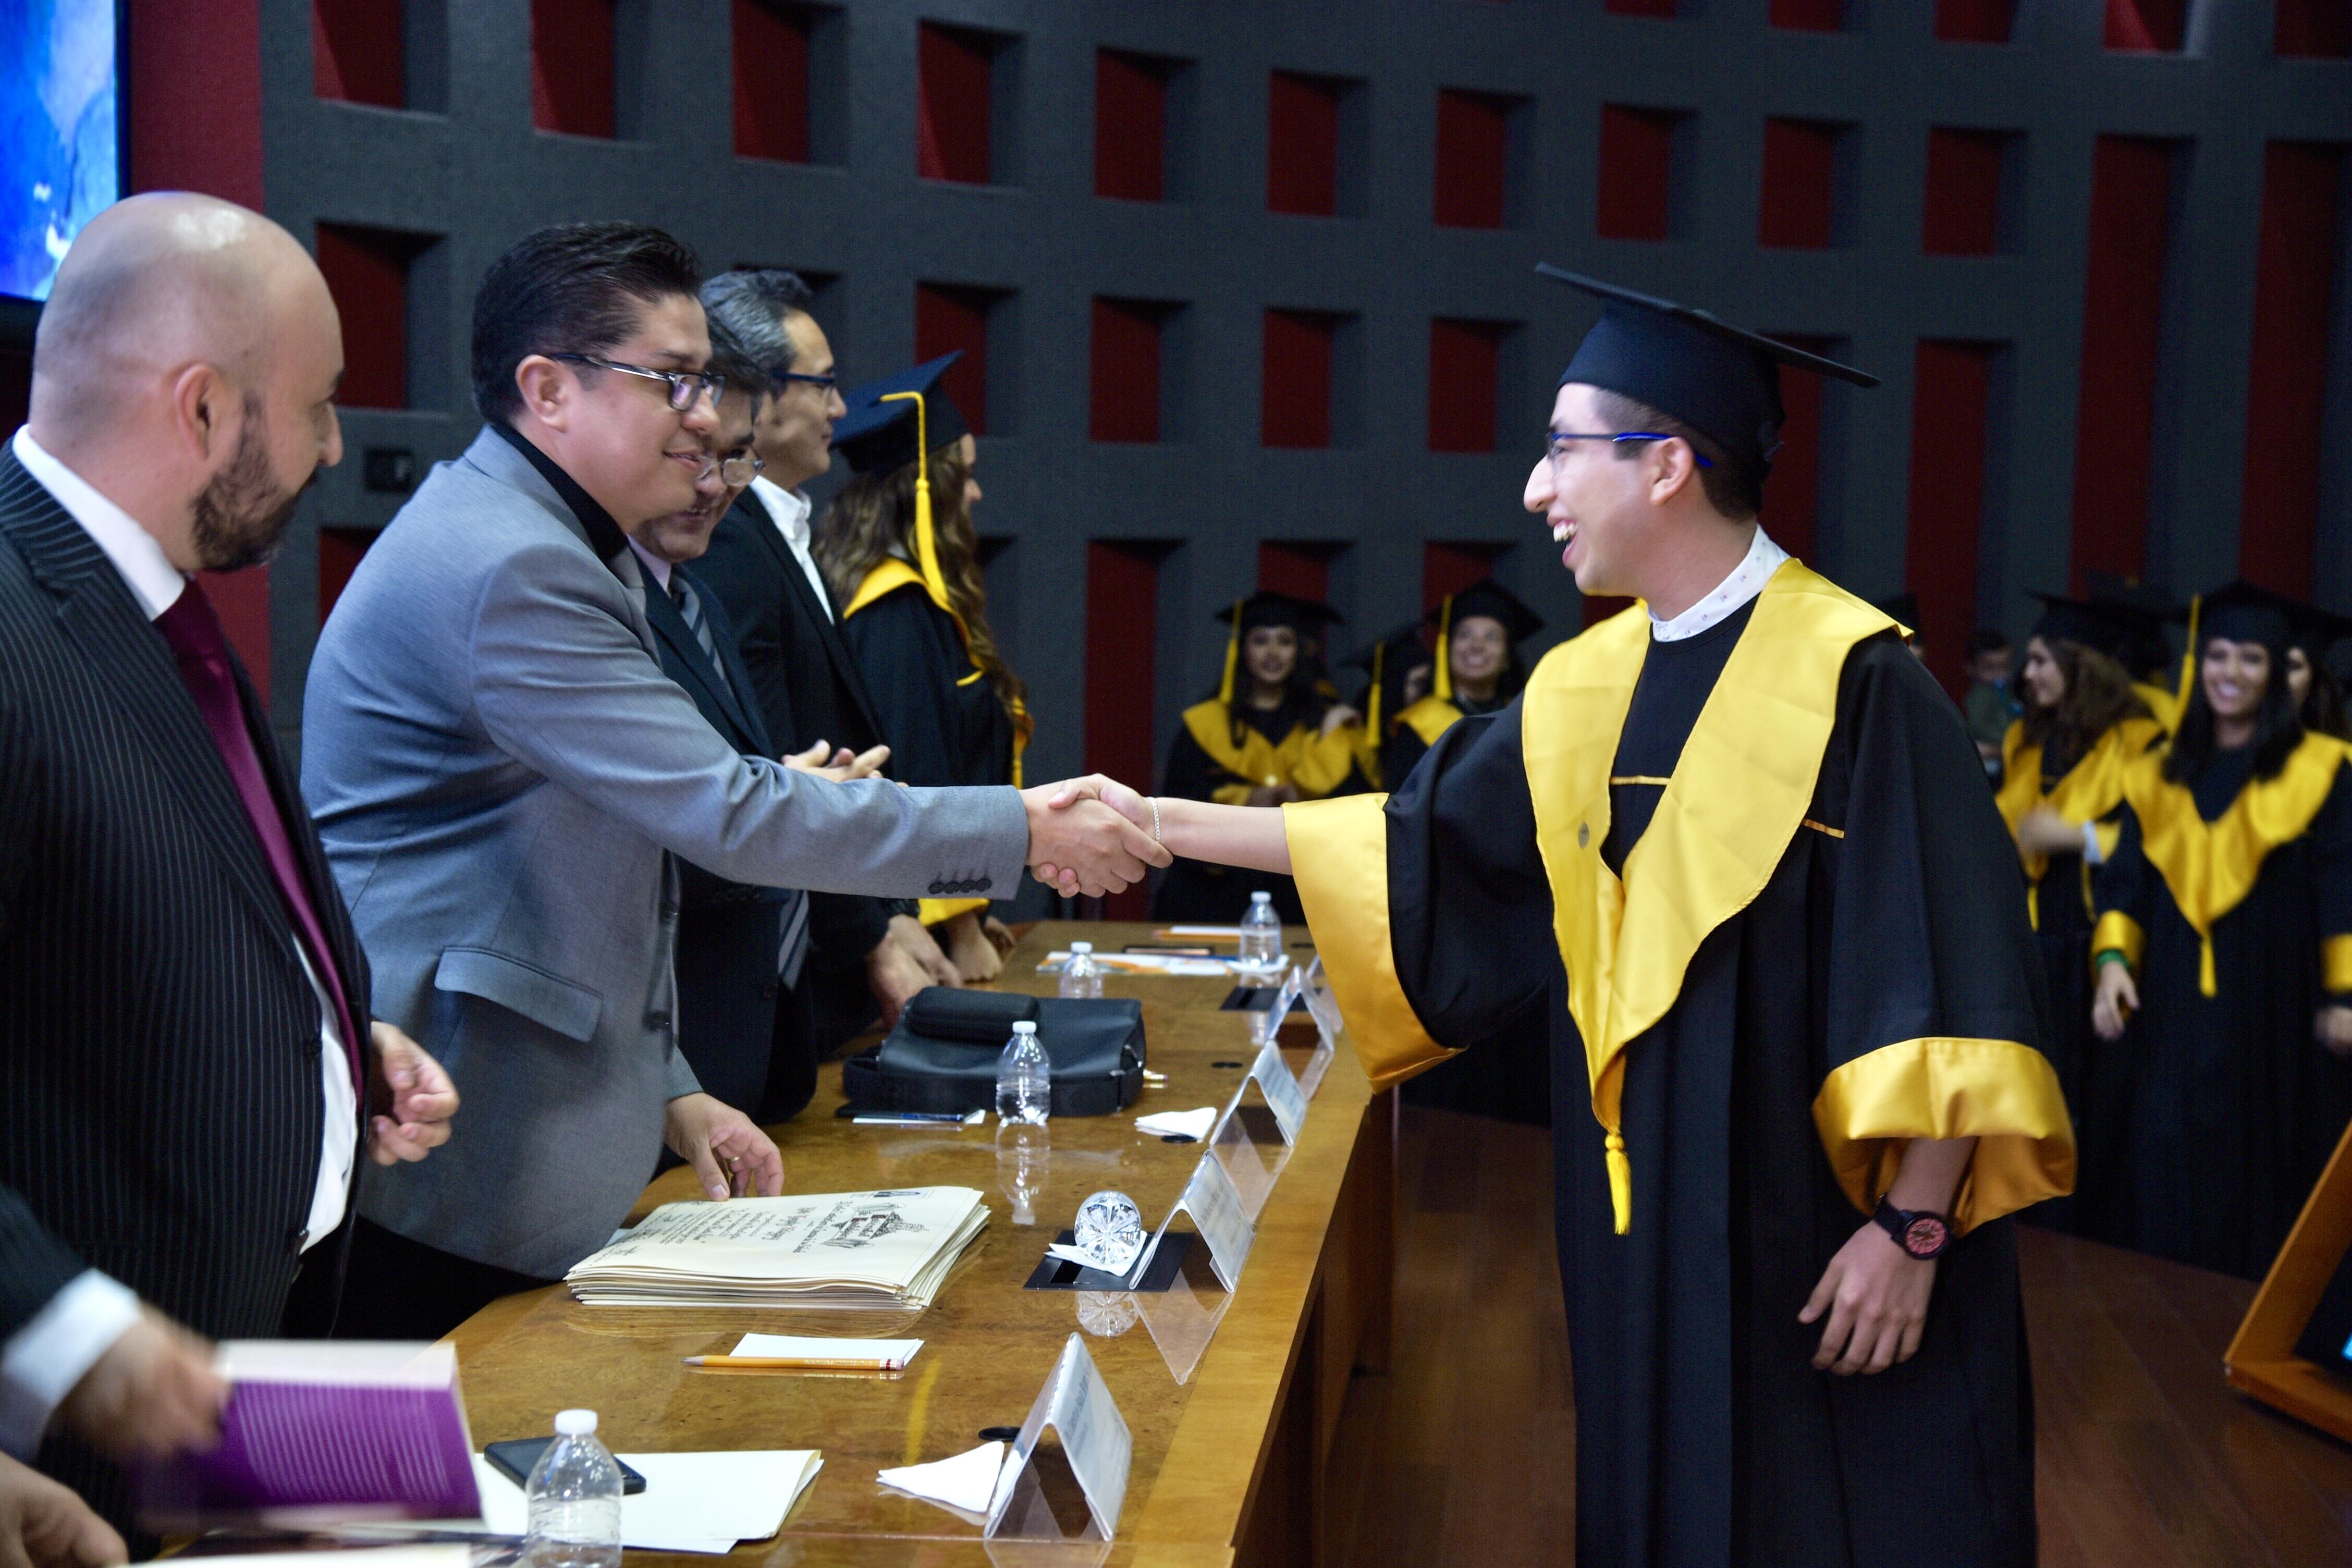 Rector entregando carta a graduado saludándolo de mano